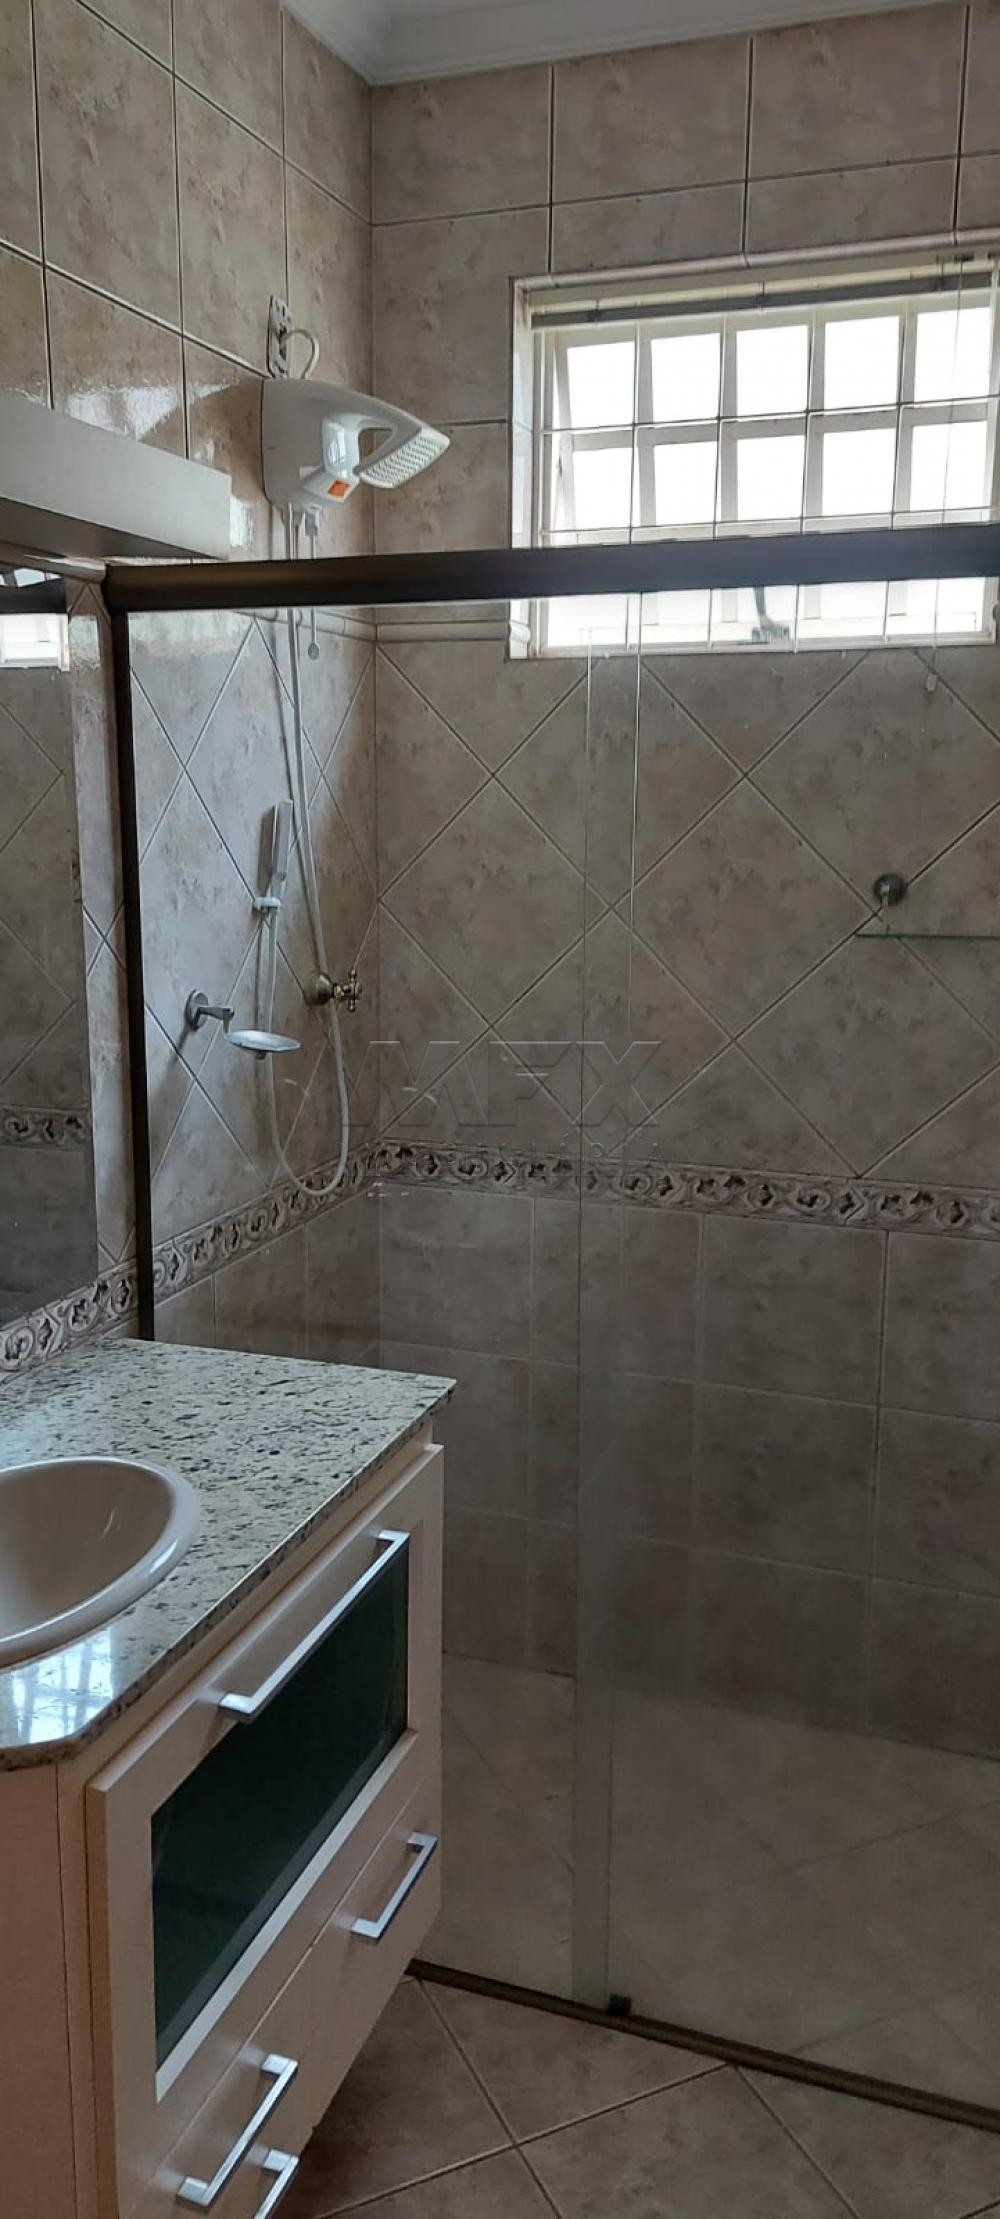 Alugar Casa / Padrão em Bauru R$ 2.500,00 - Foto 12